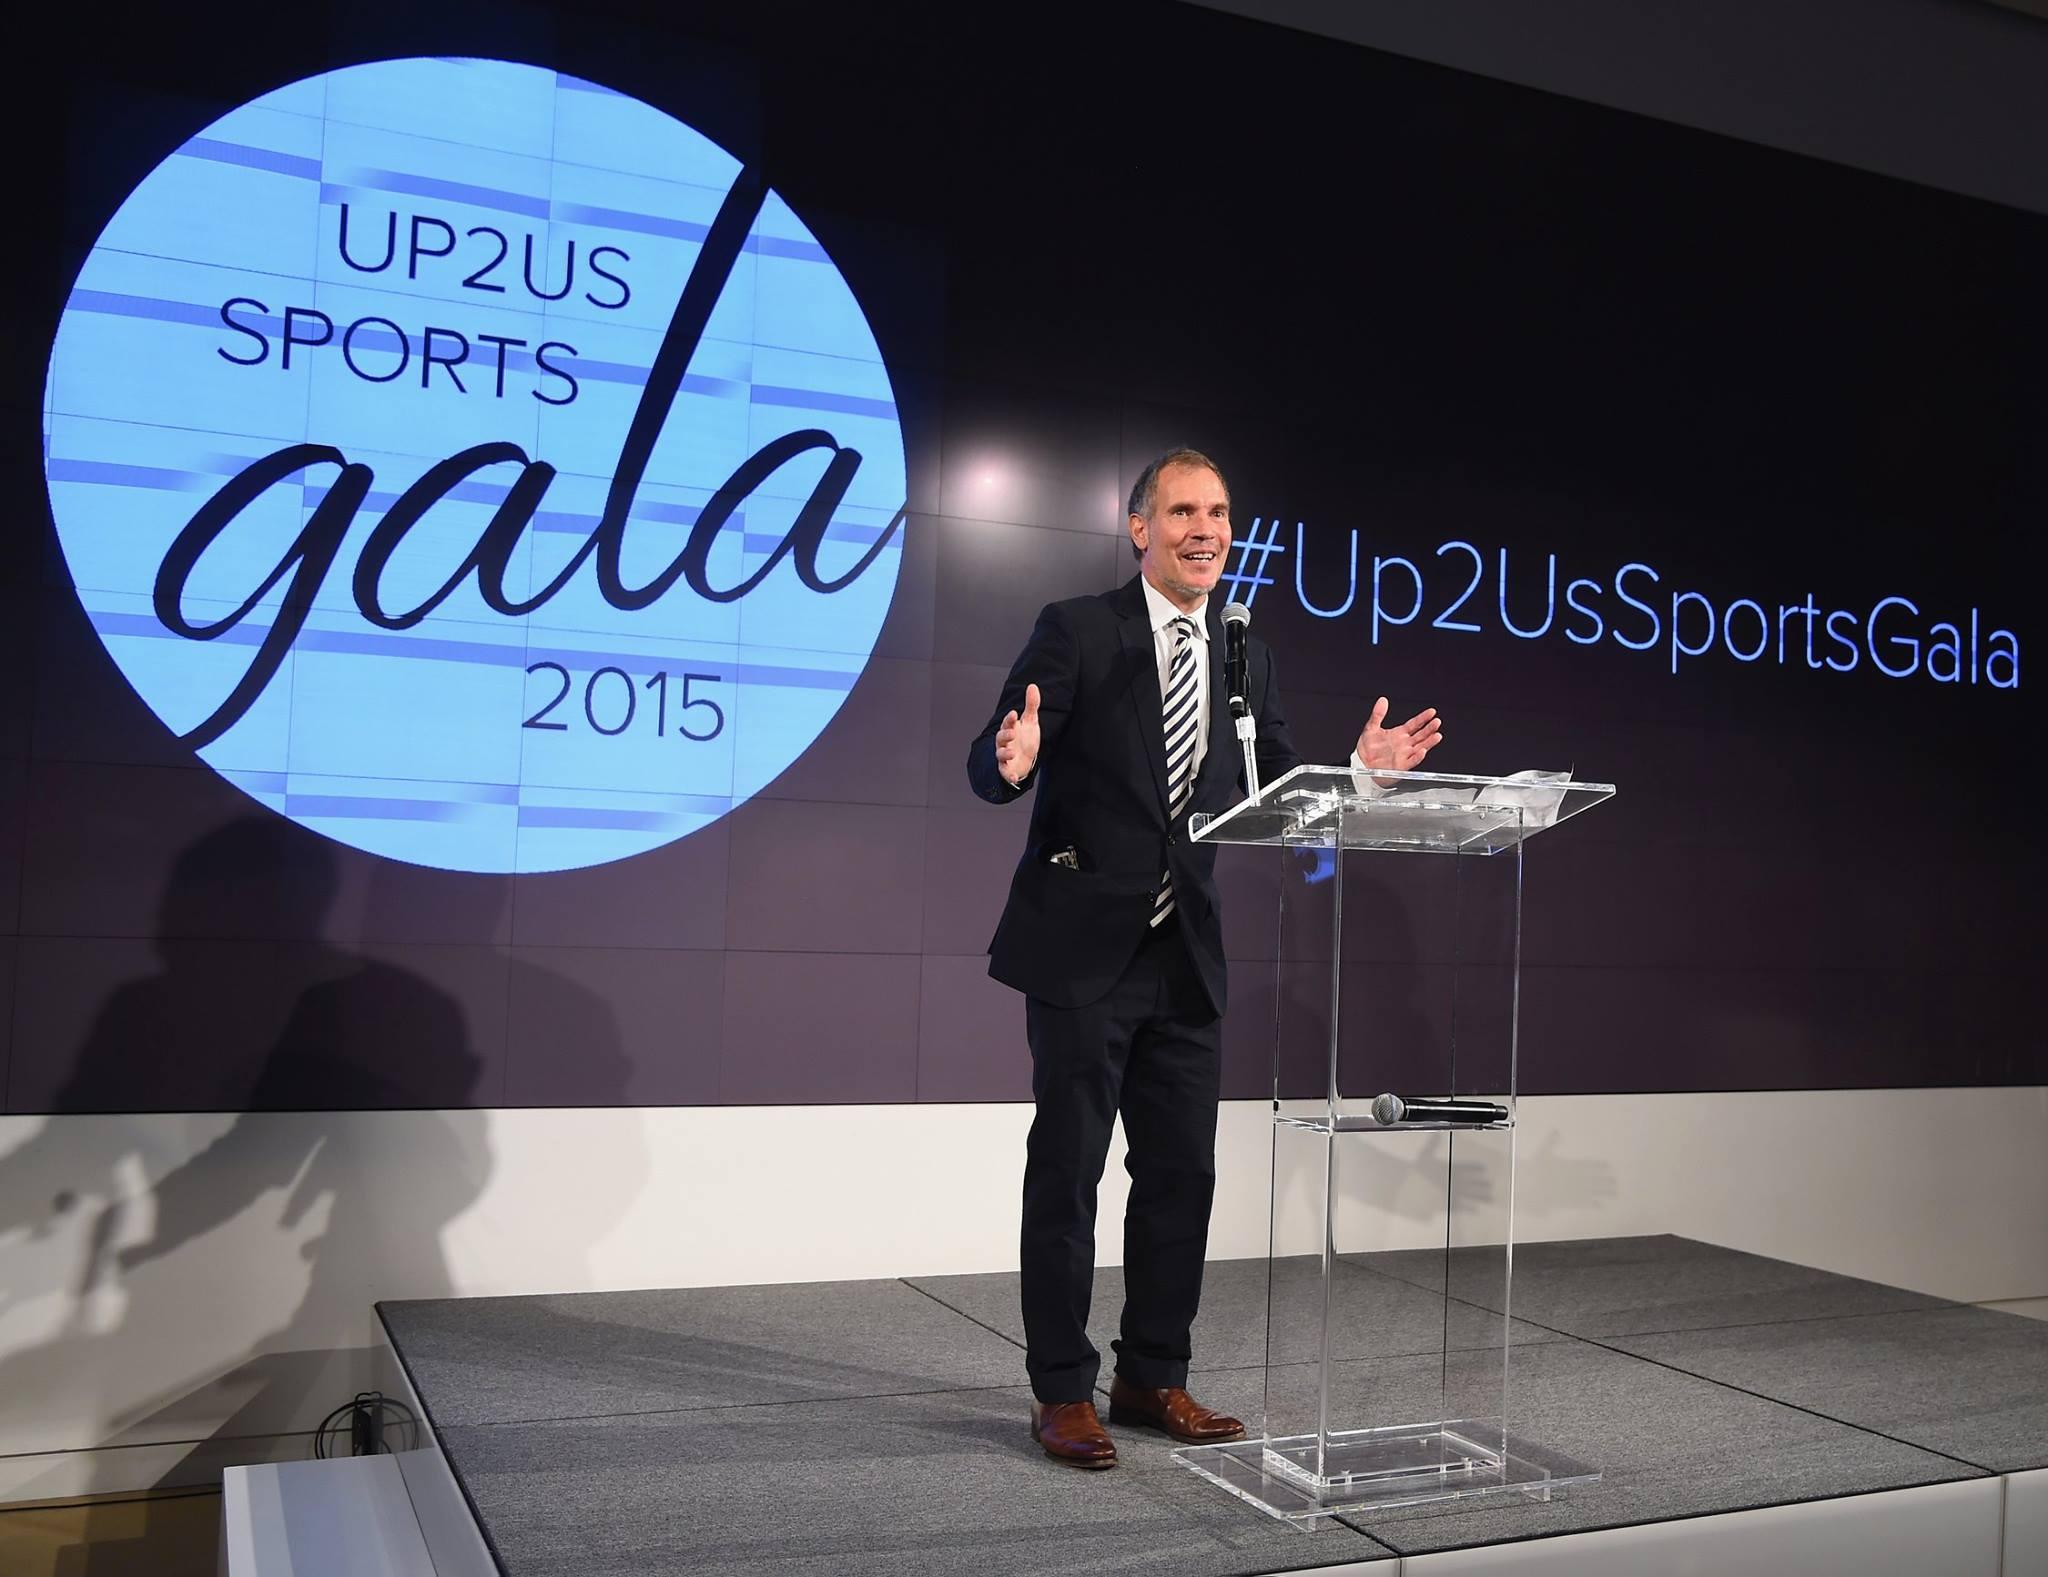 Paul-Speaking-at-2015-Gala.jpg